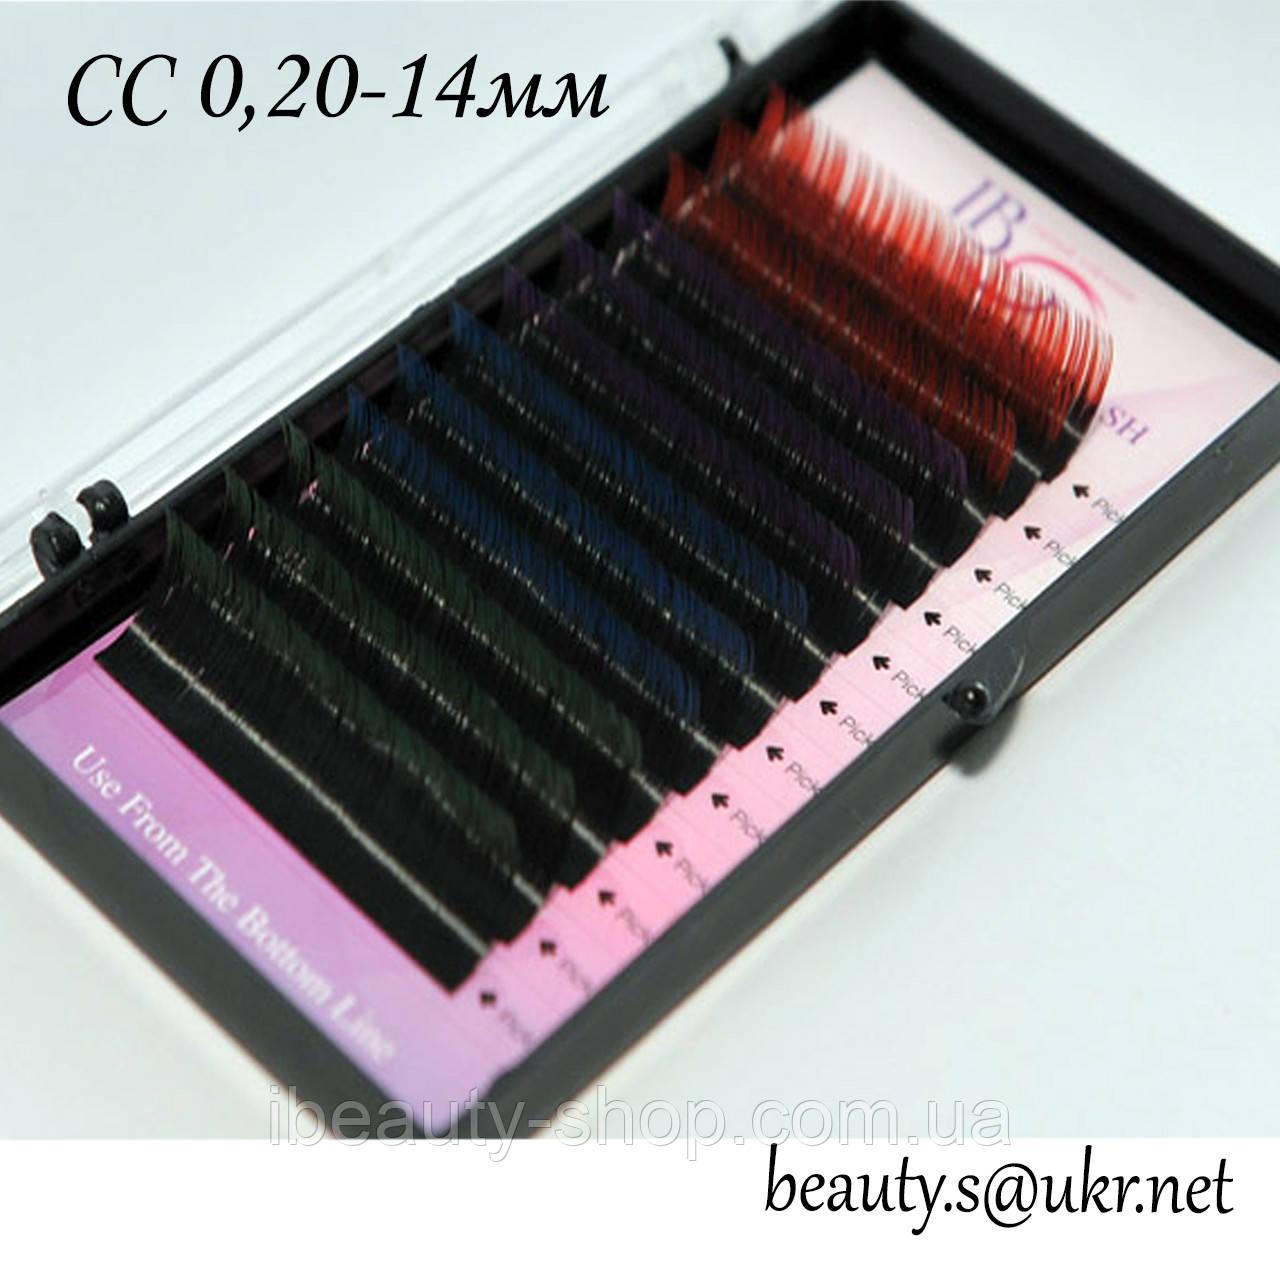 Вії I-Beauty, CC 0,20-14мм,кольорові кінці,4 кольори